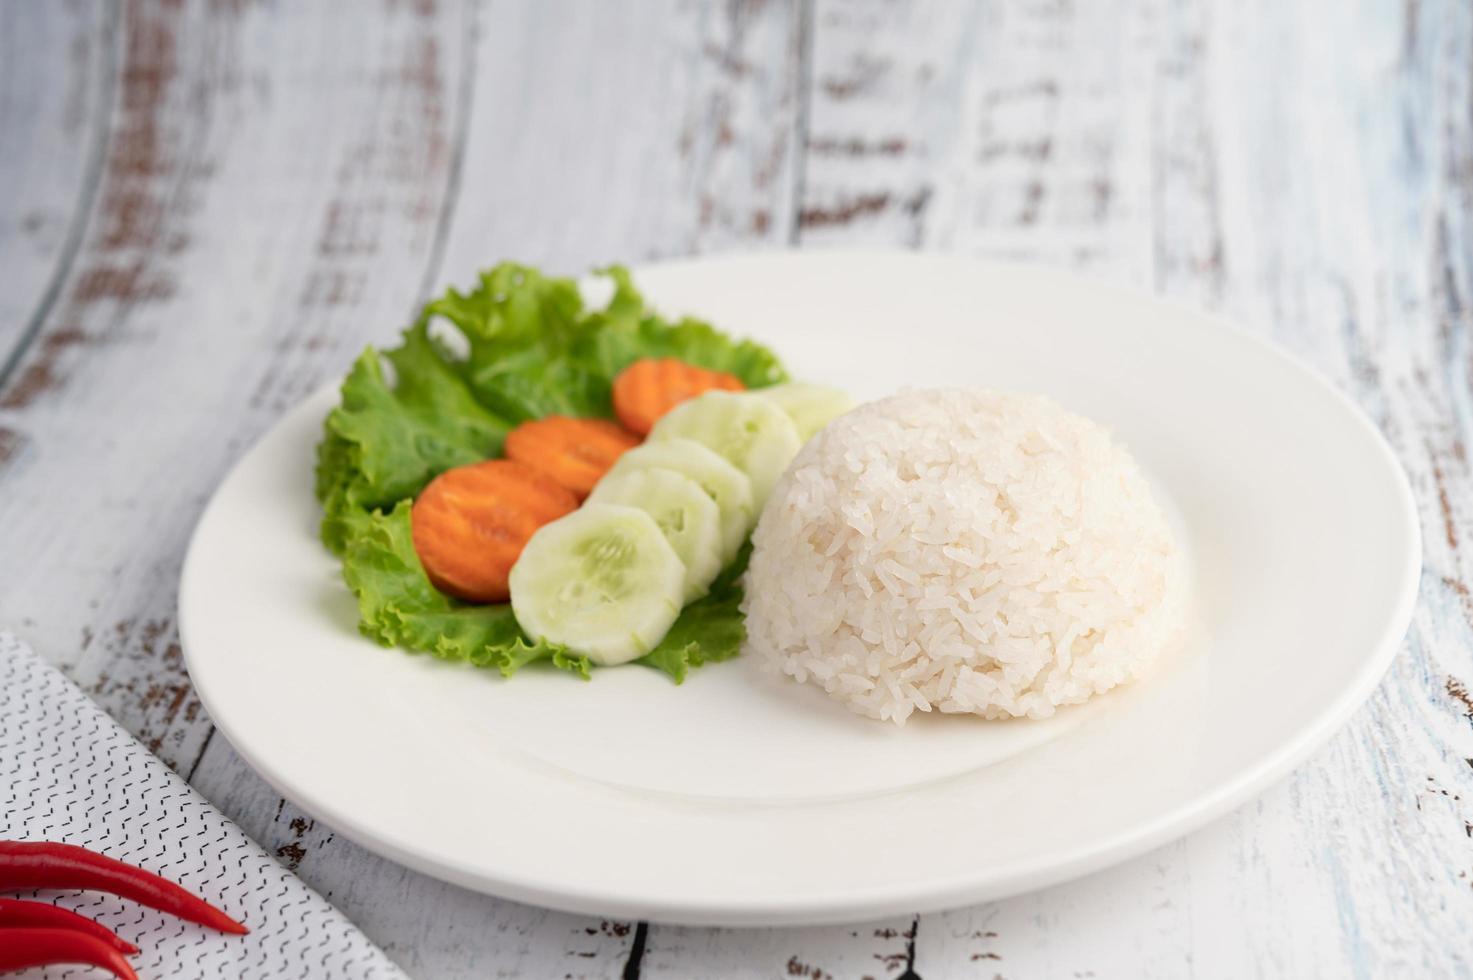 arroz al vapor con pepino, ensalada y zanahorias foto